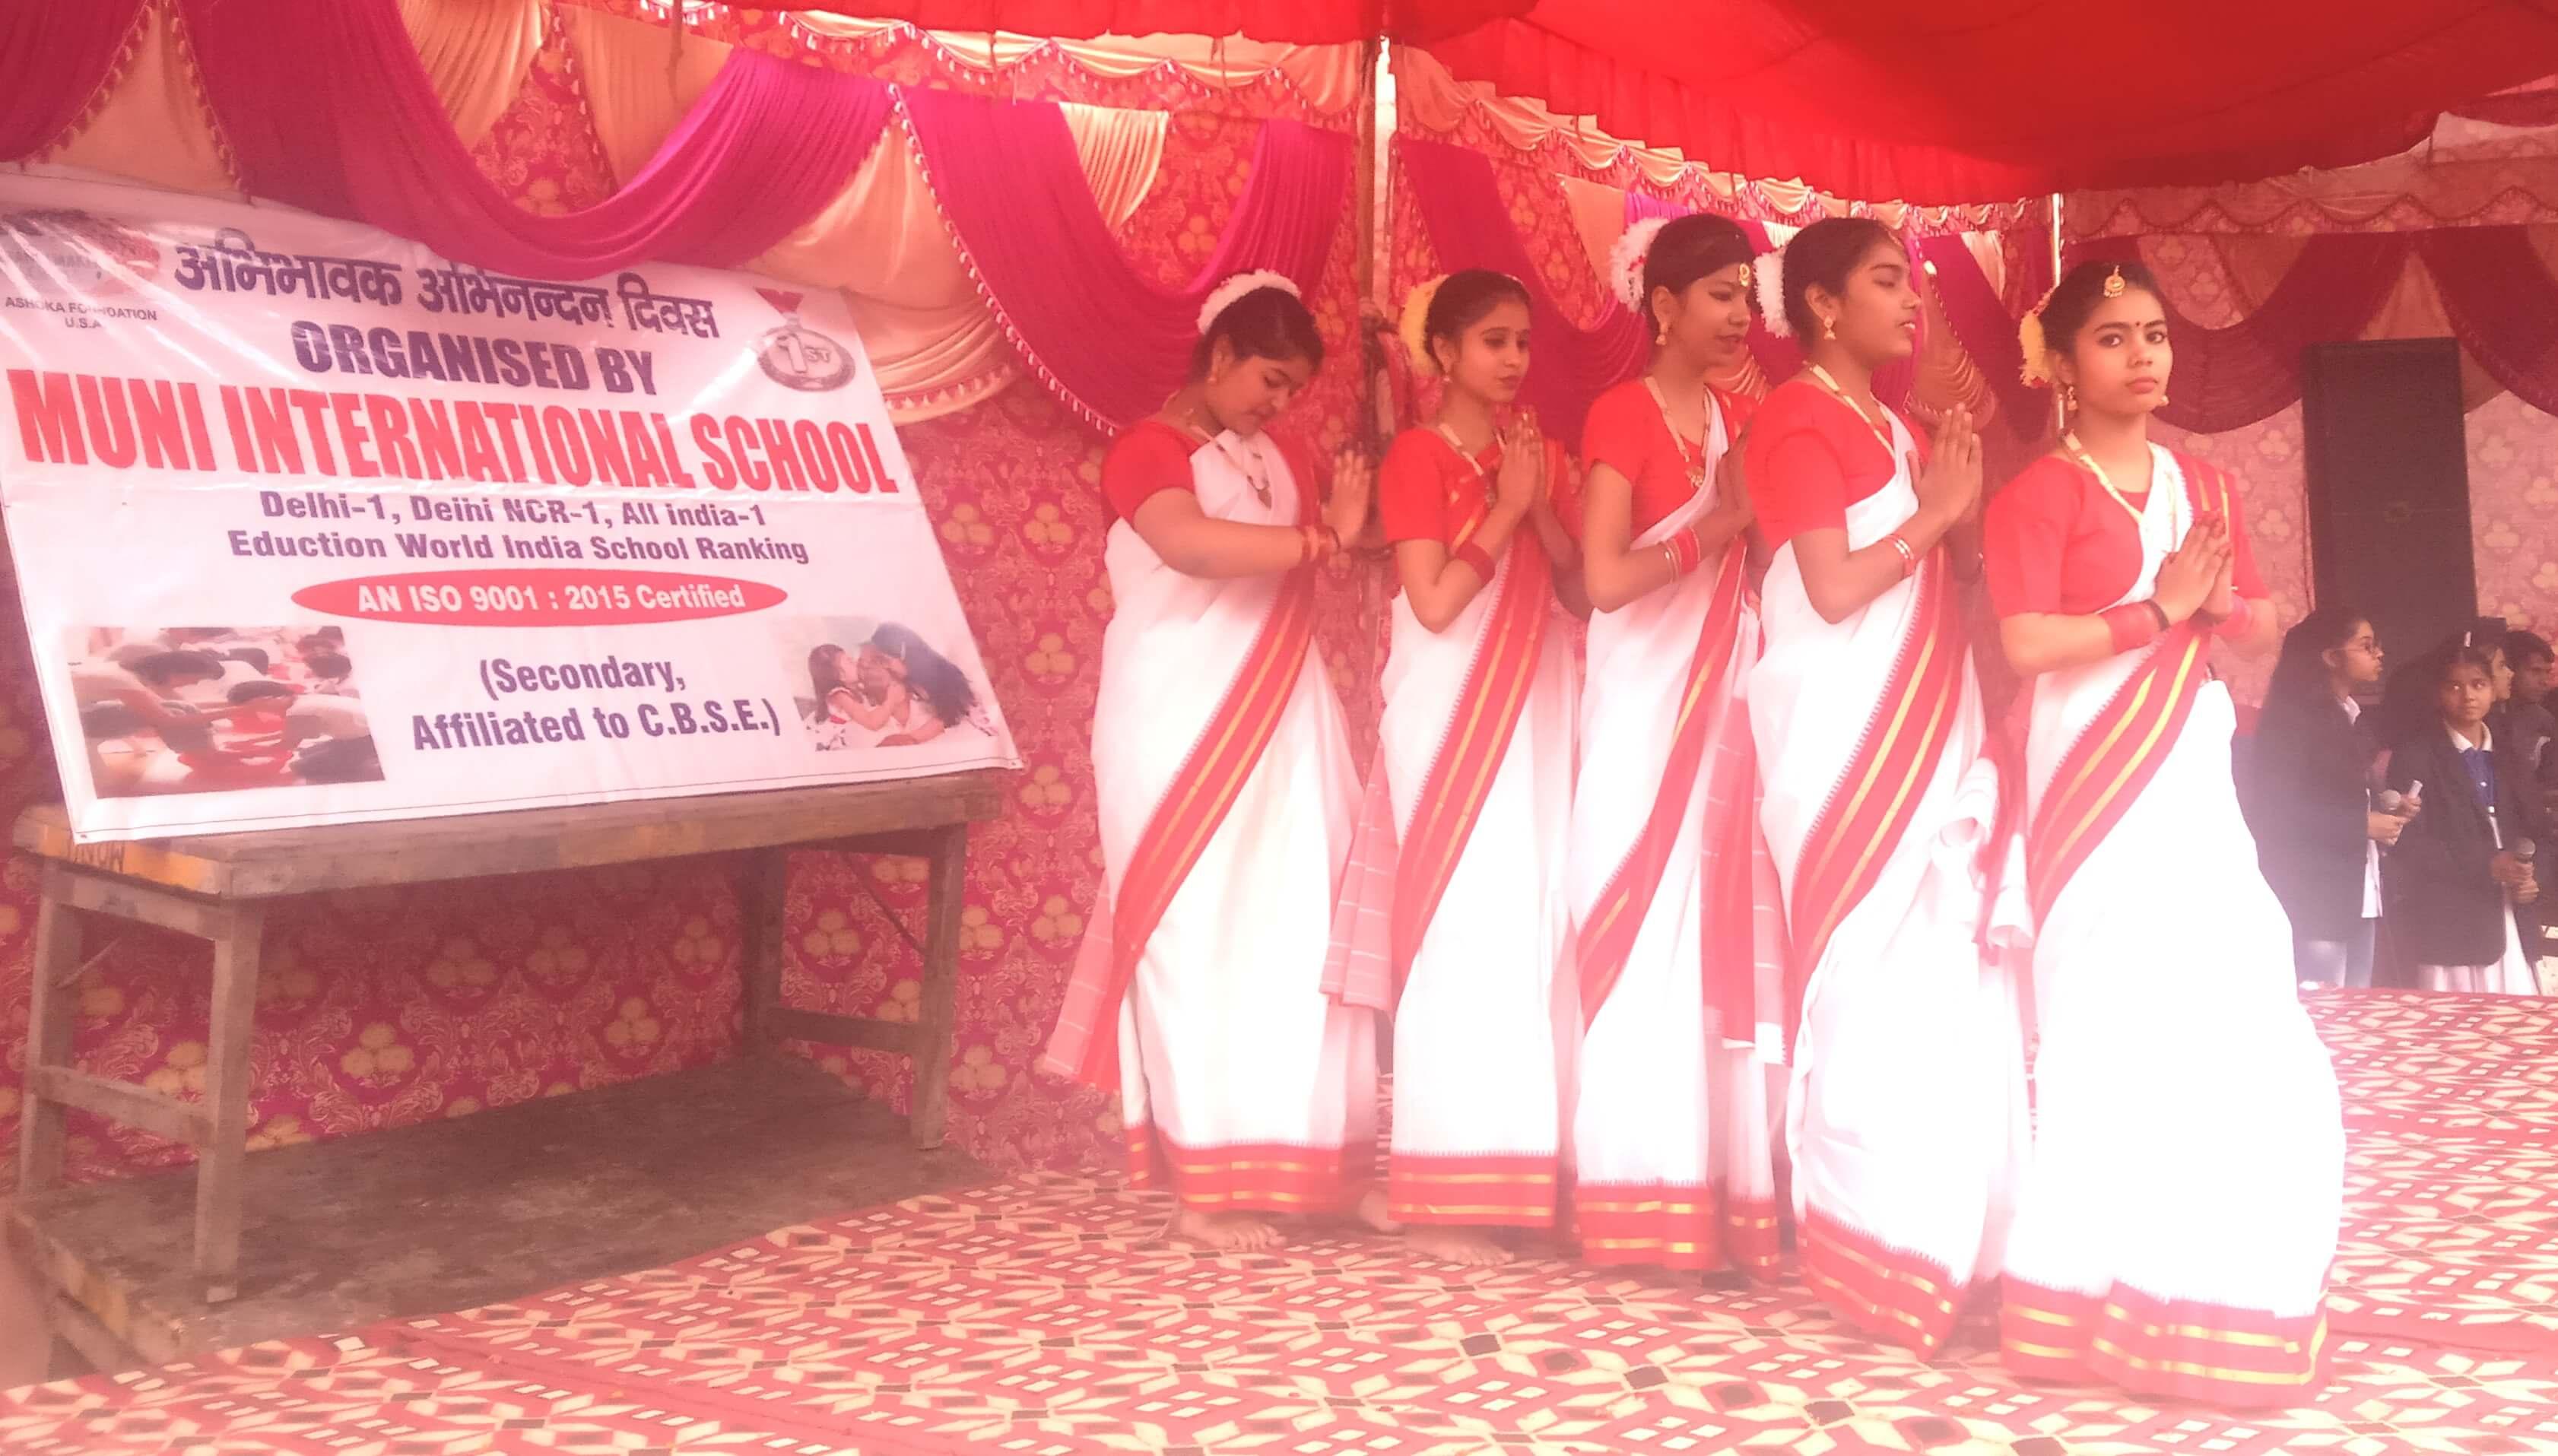 मुनि इंटरनेशनल स्कूल में धूम-धाम से मनाया गया अभिभावक अभिनंदन समारोह